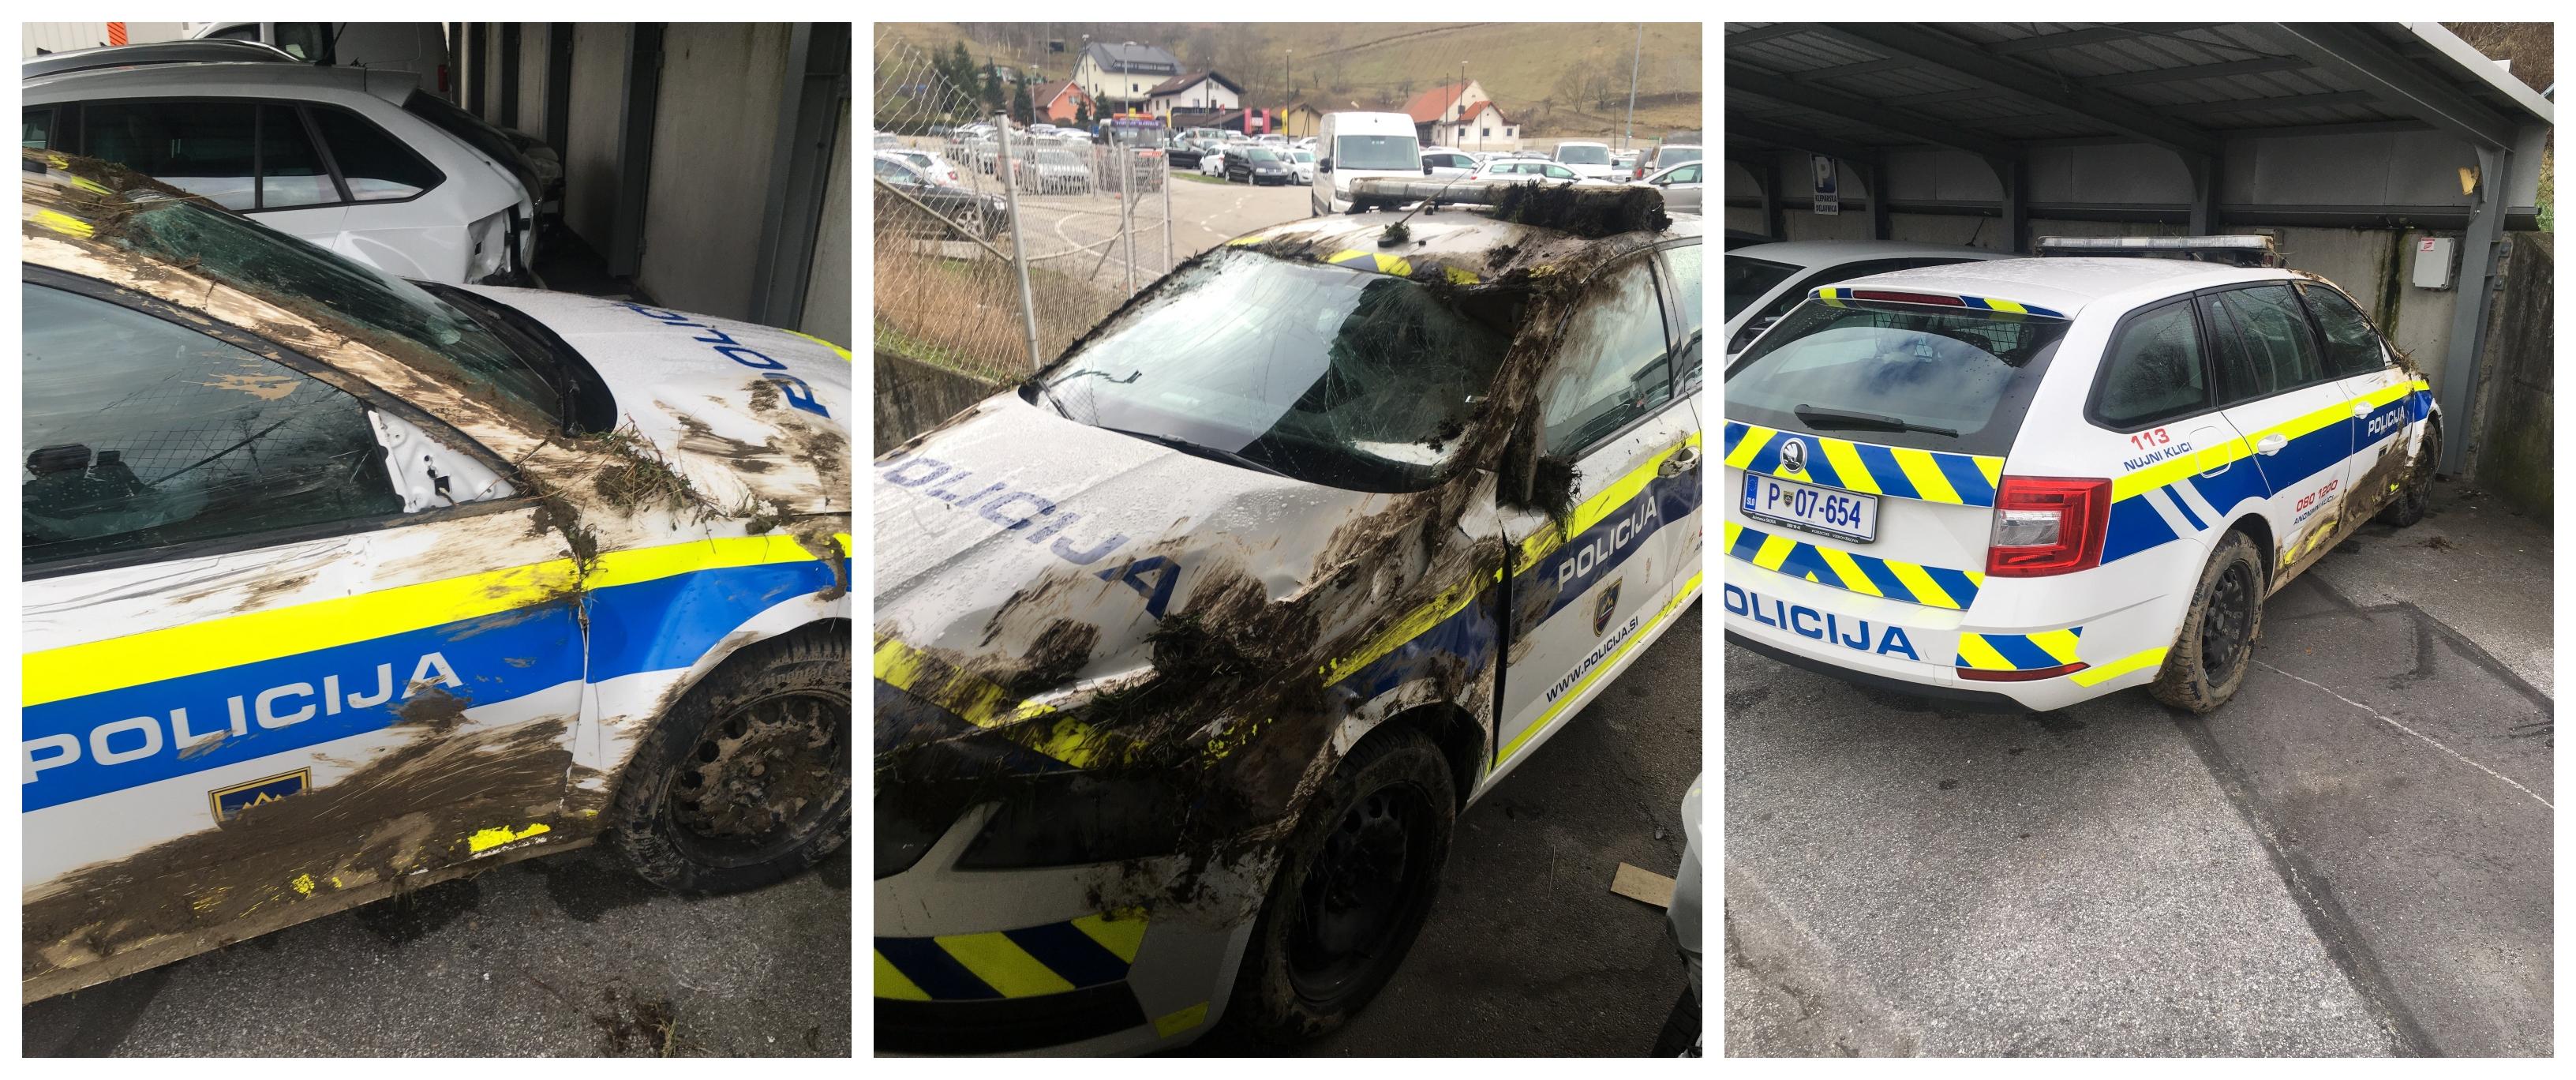 Policist iz Šentilja je zopet naredil slabo reklamo svojim kolegom v modrih uniformah. Zaradi neprilagojene hitrosti je povzročil nesrečo in skupaj s svojo policijsko kolegico moral iti na celjenje poškodb v mariborski UKC Maribor. (Foto: Bralec Nove24tv.si)